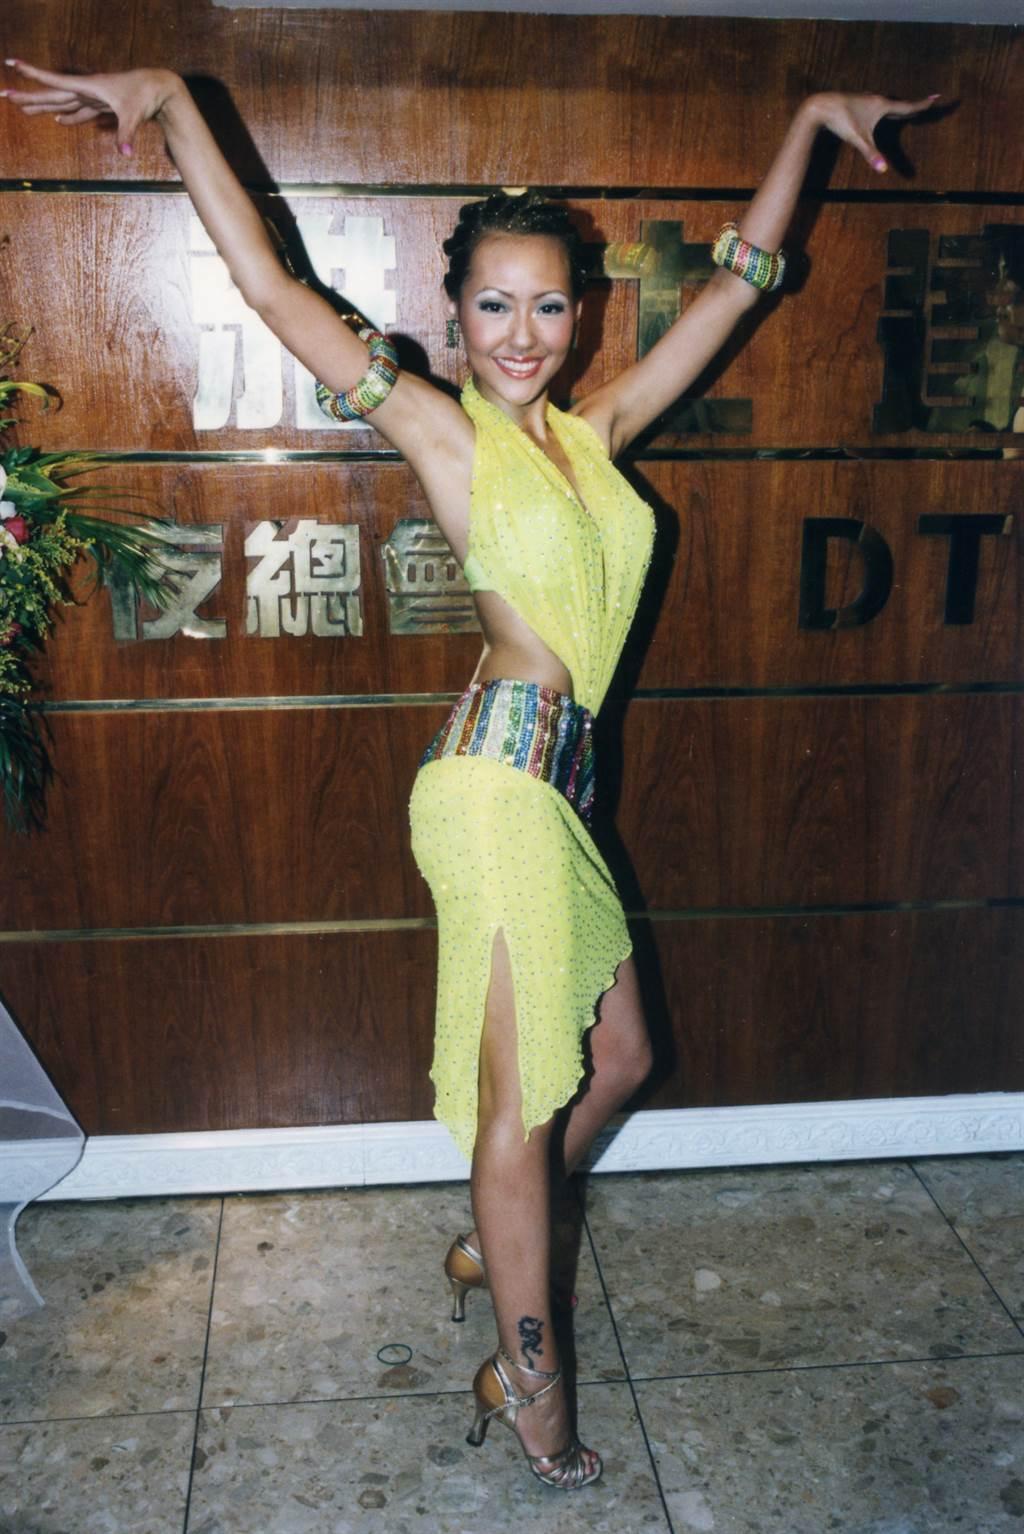 2003年05月27日小S徐熙娣。(叢皓日攝)